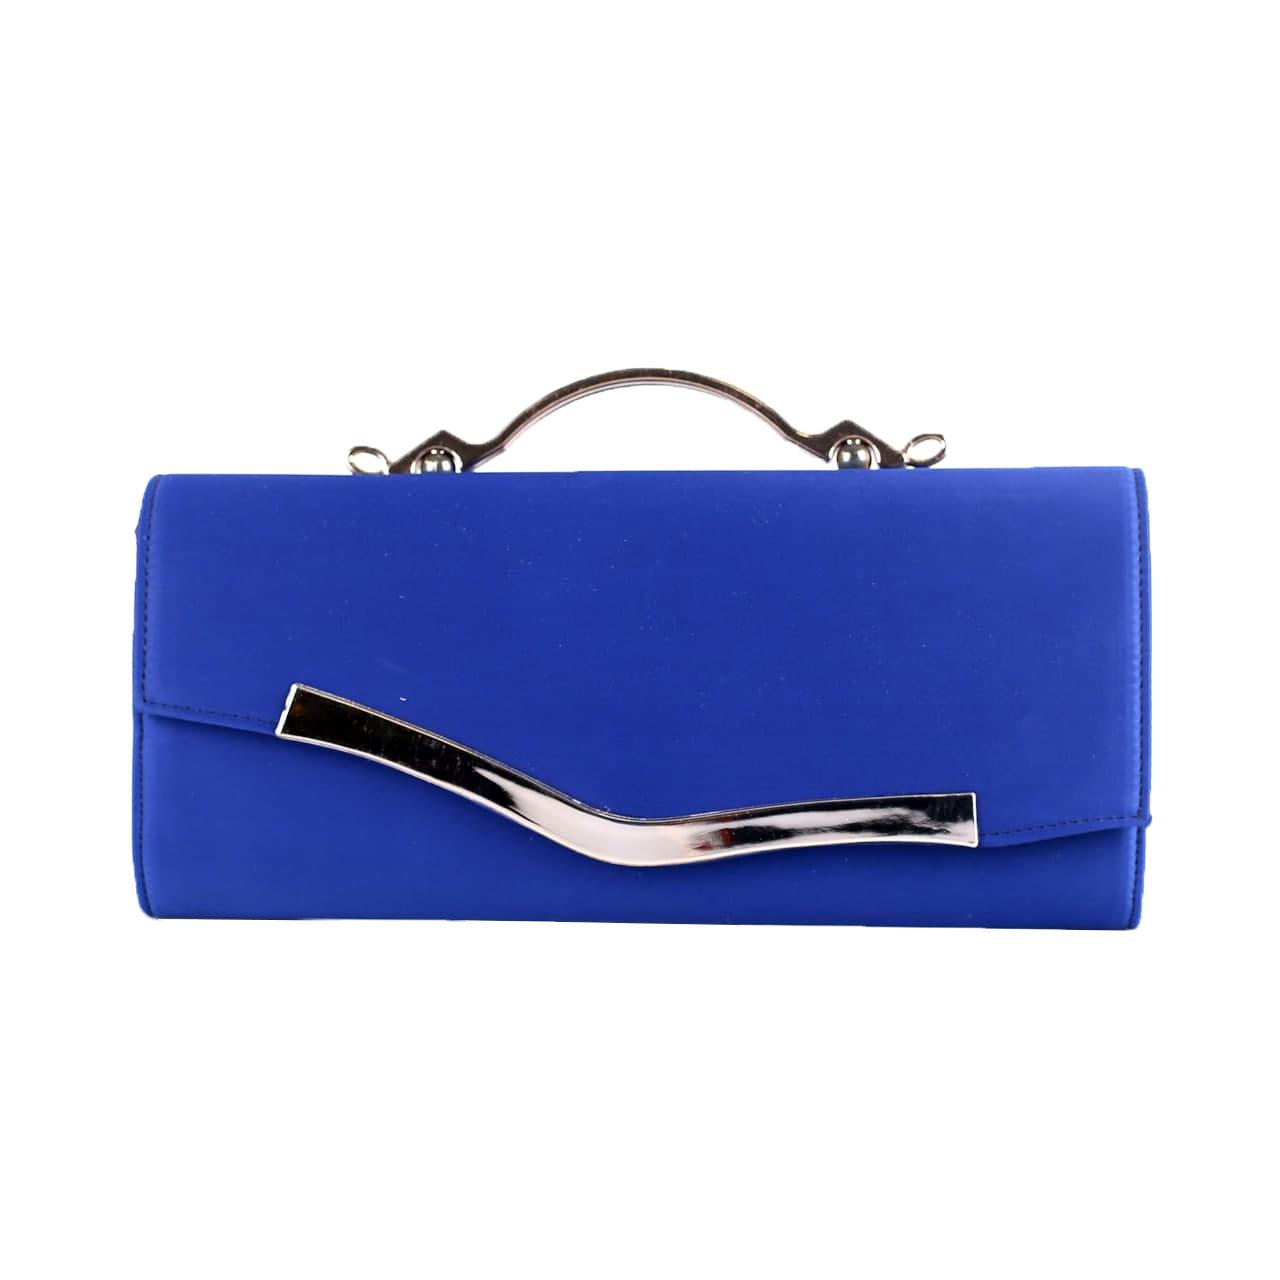 کیف دستی زنانه مدل سورنا